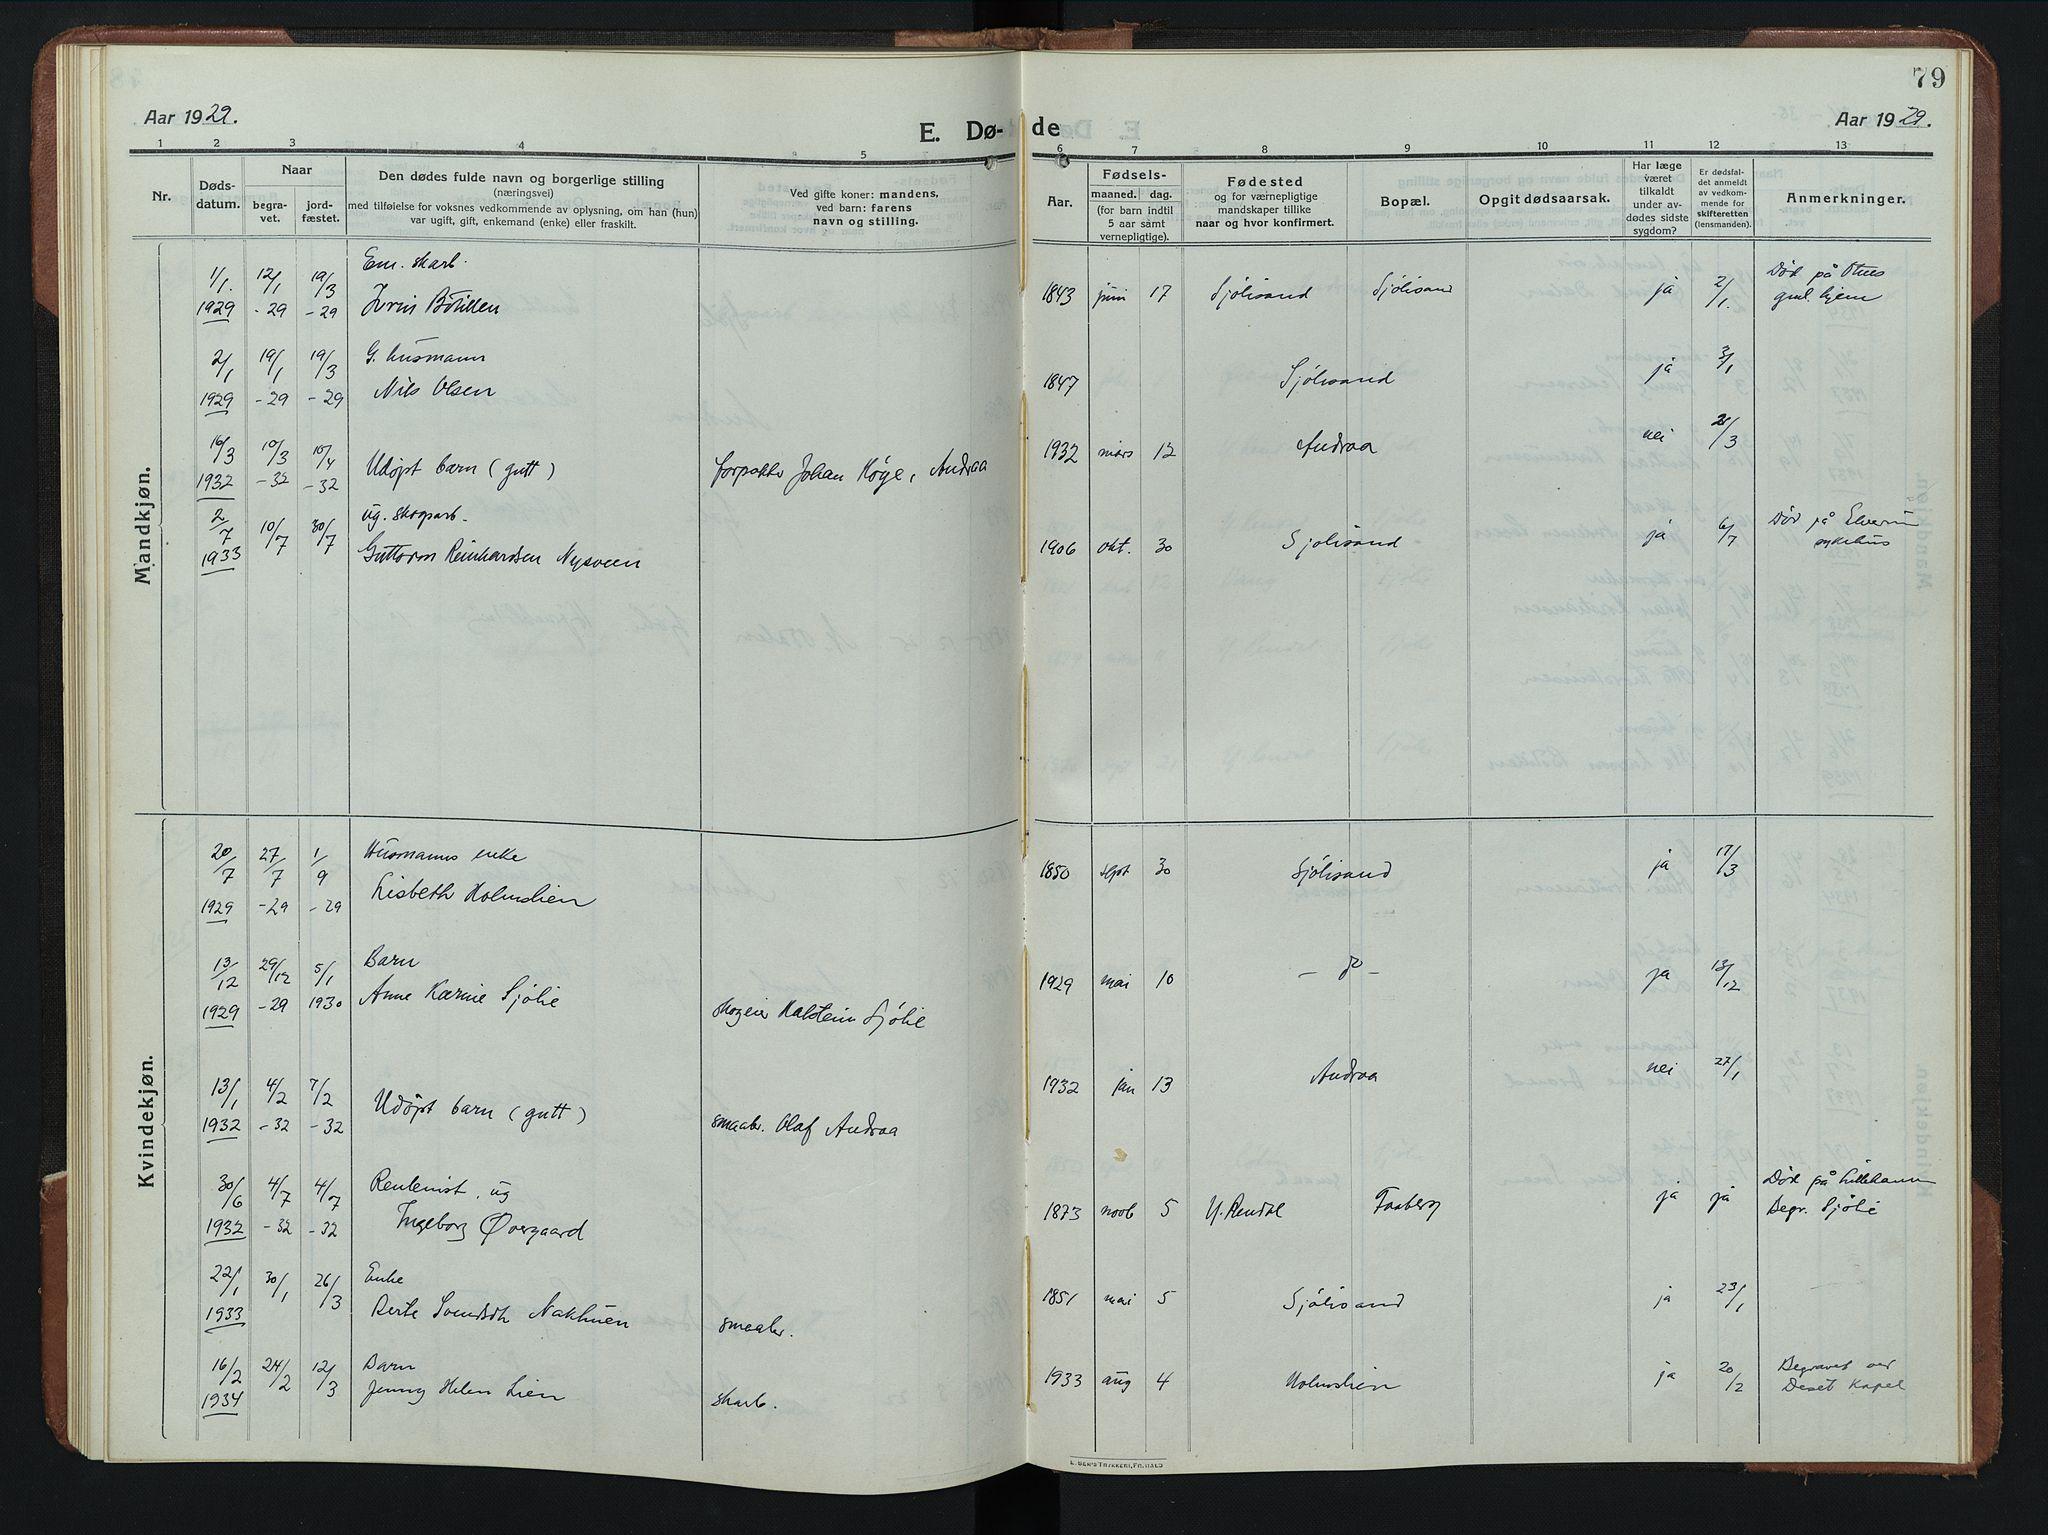 SAH, Rendalen prestekontor, H/Ha/Hab/L0008: Klokkerbok nr. 8, 1914-1948, s. 79